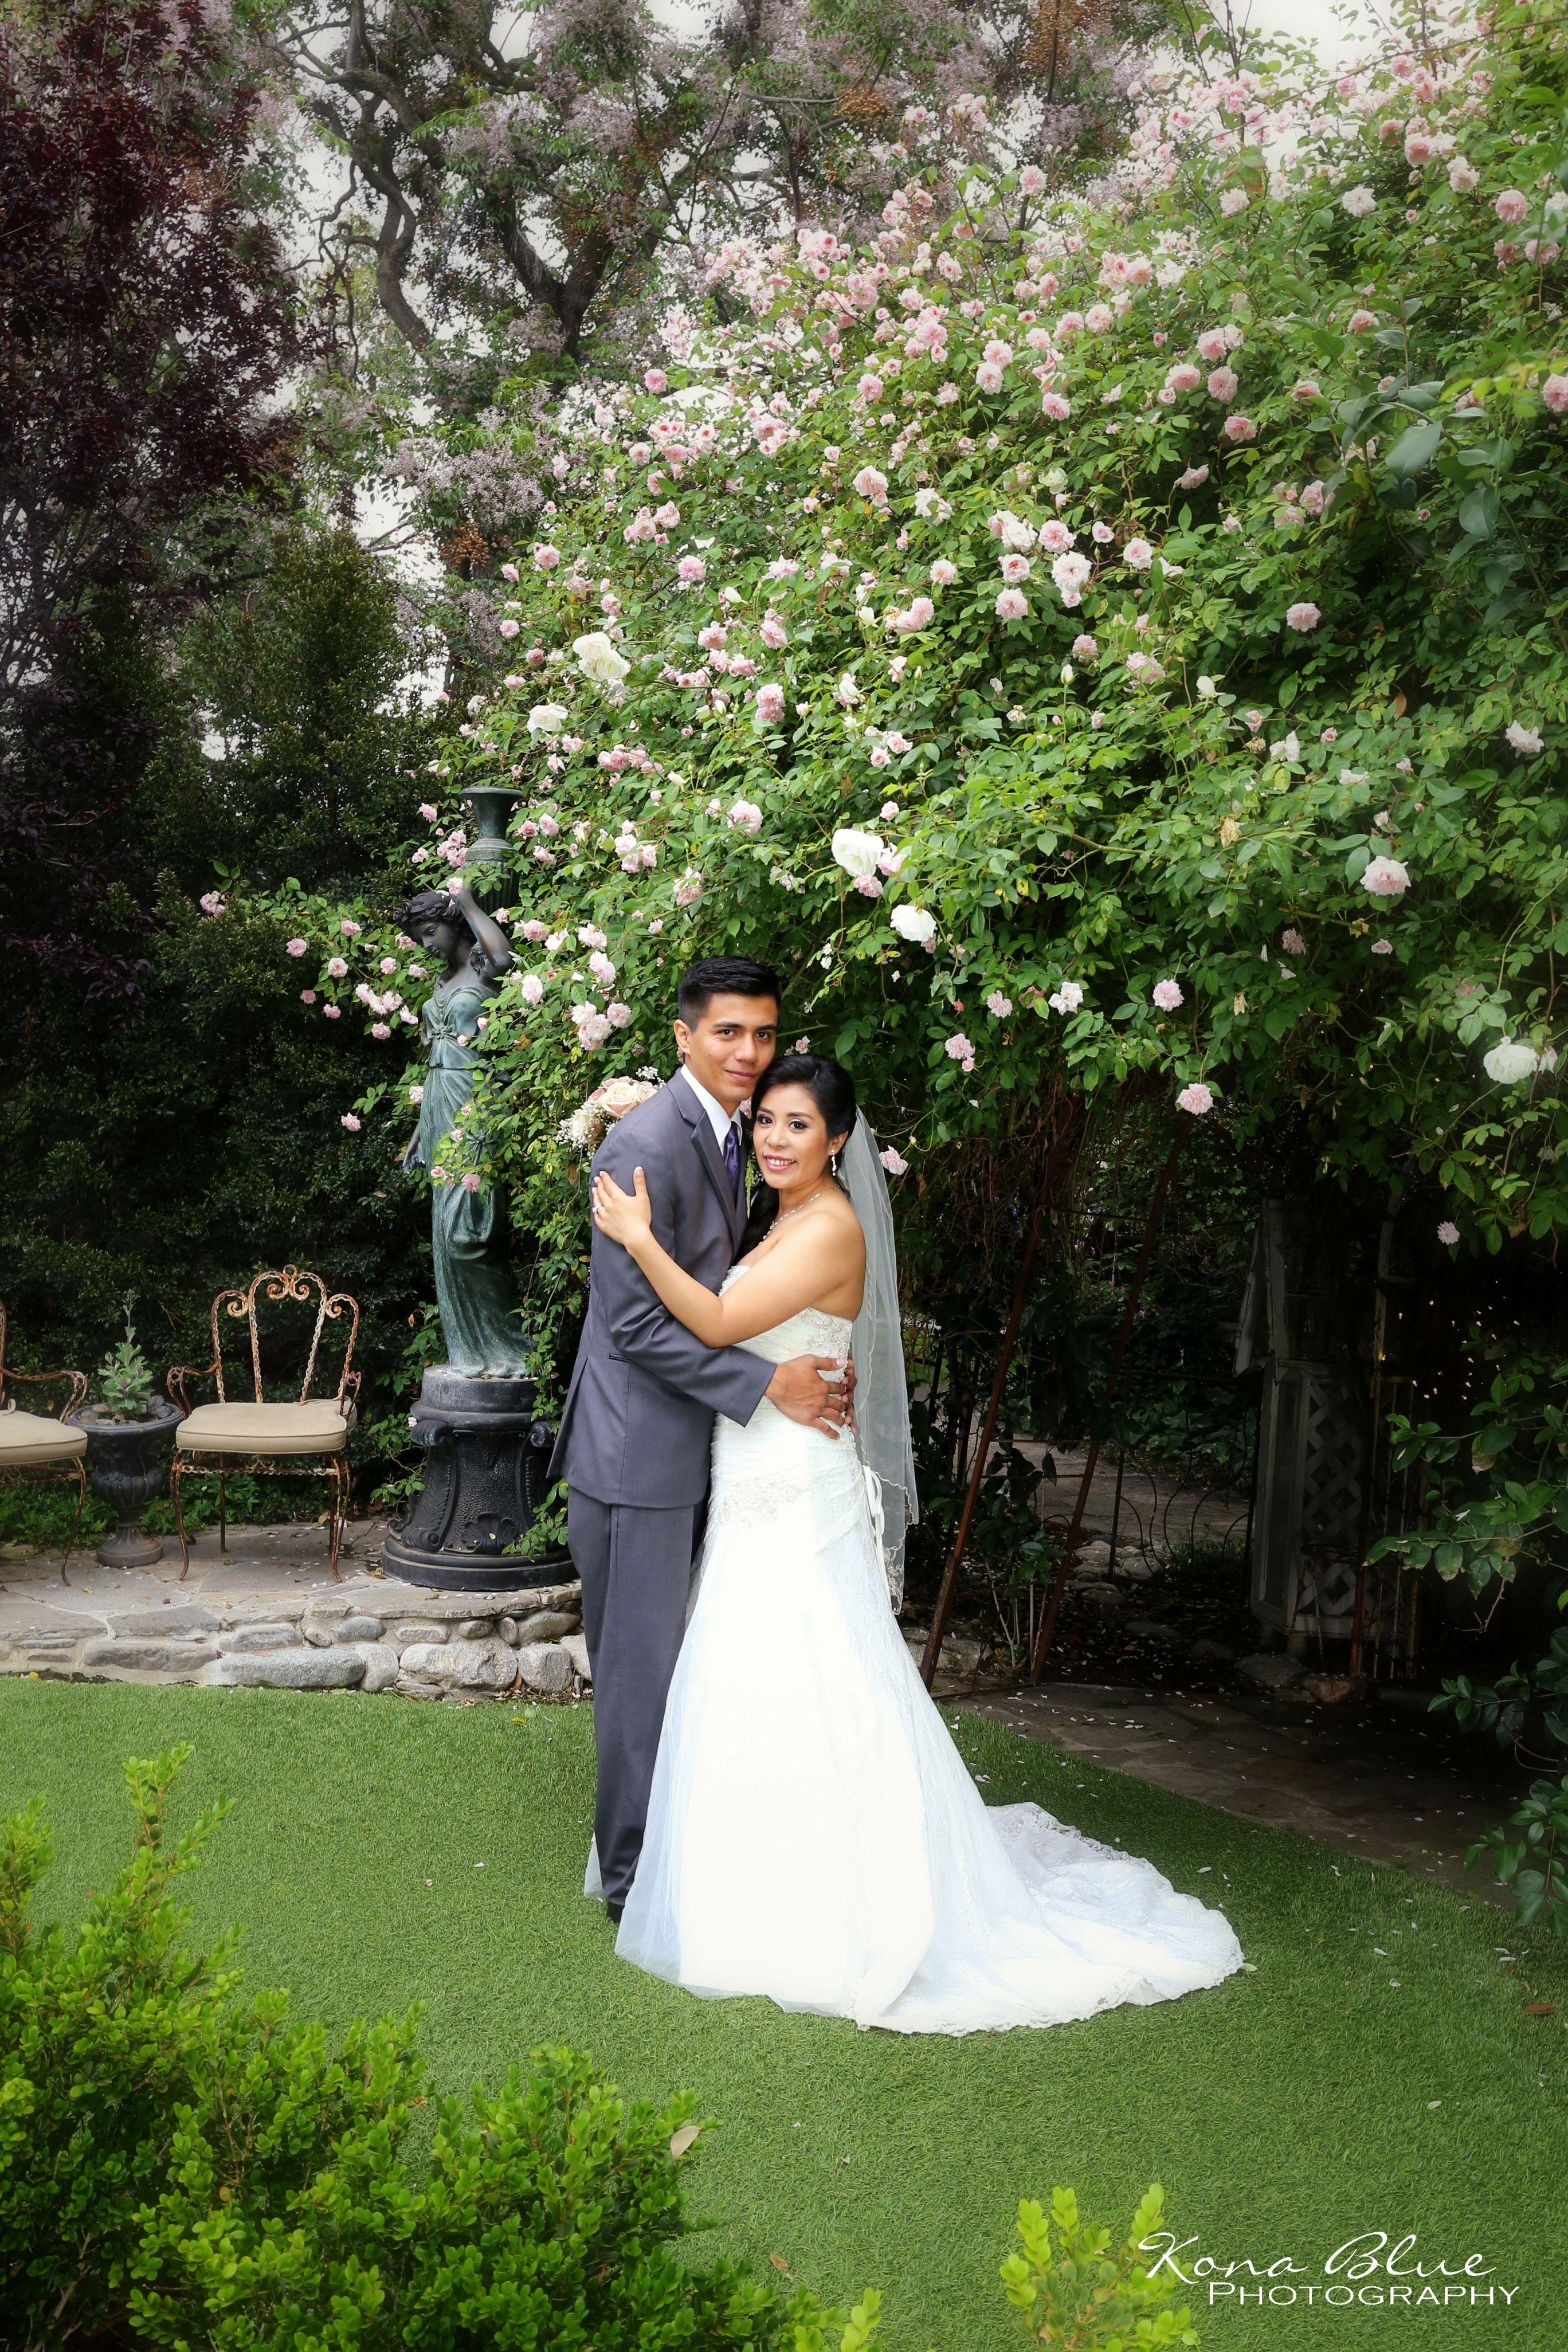 Beautiful wedding venue in San Marcos CA, Twin Oaks House ...